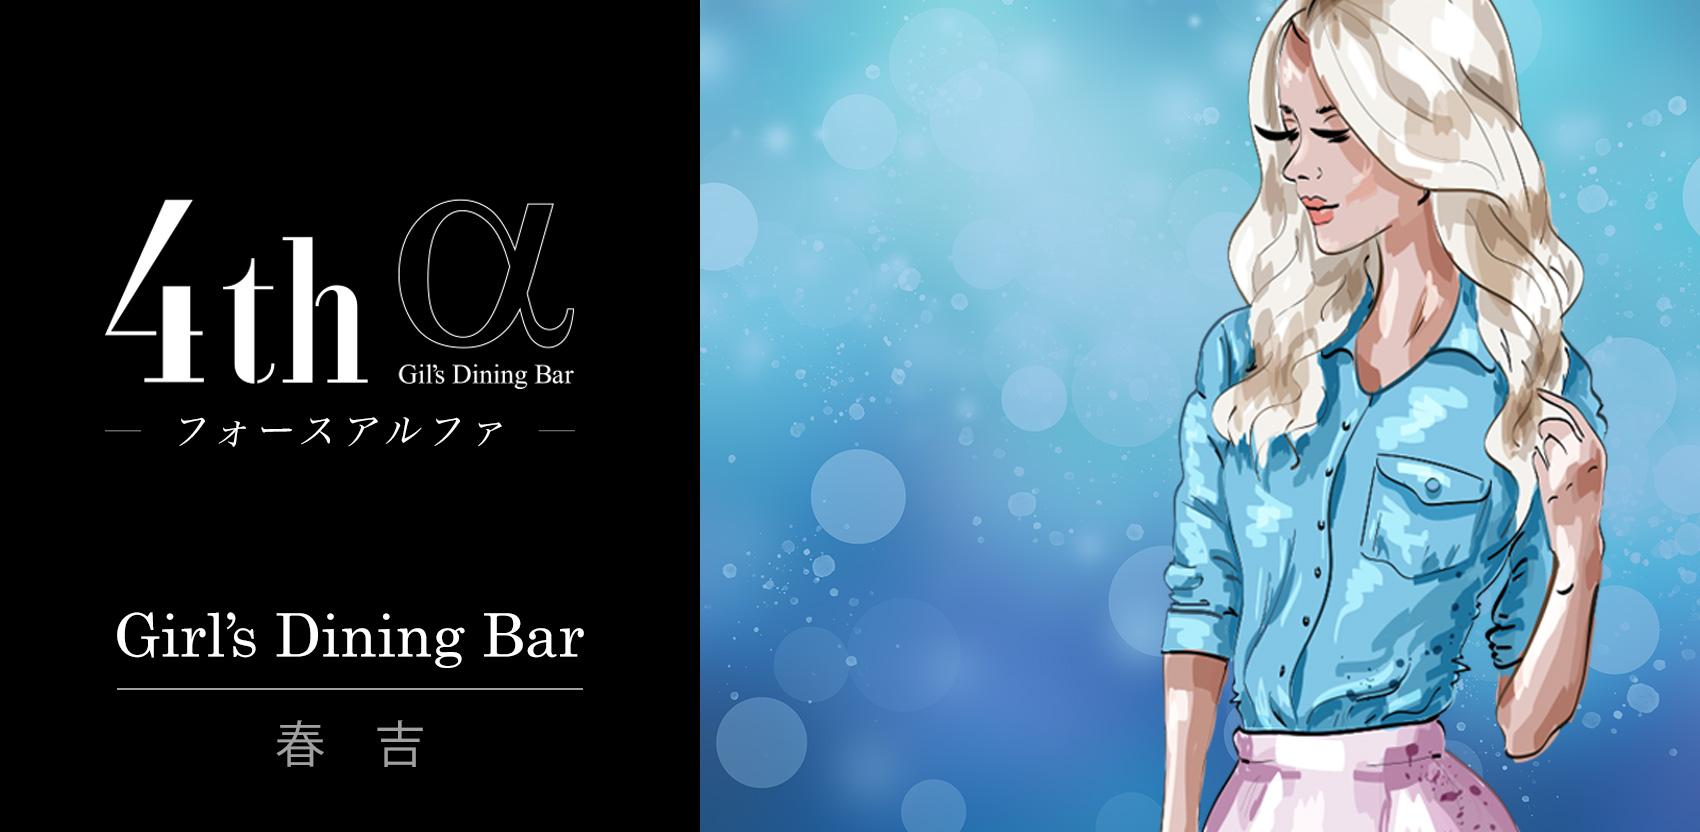 [春吉] Girl's Dining Bar 4th Alpha (ガールズダイニングバー・フォースアルファ)